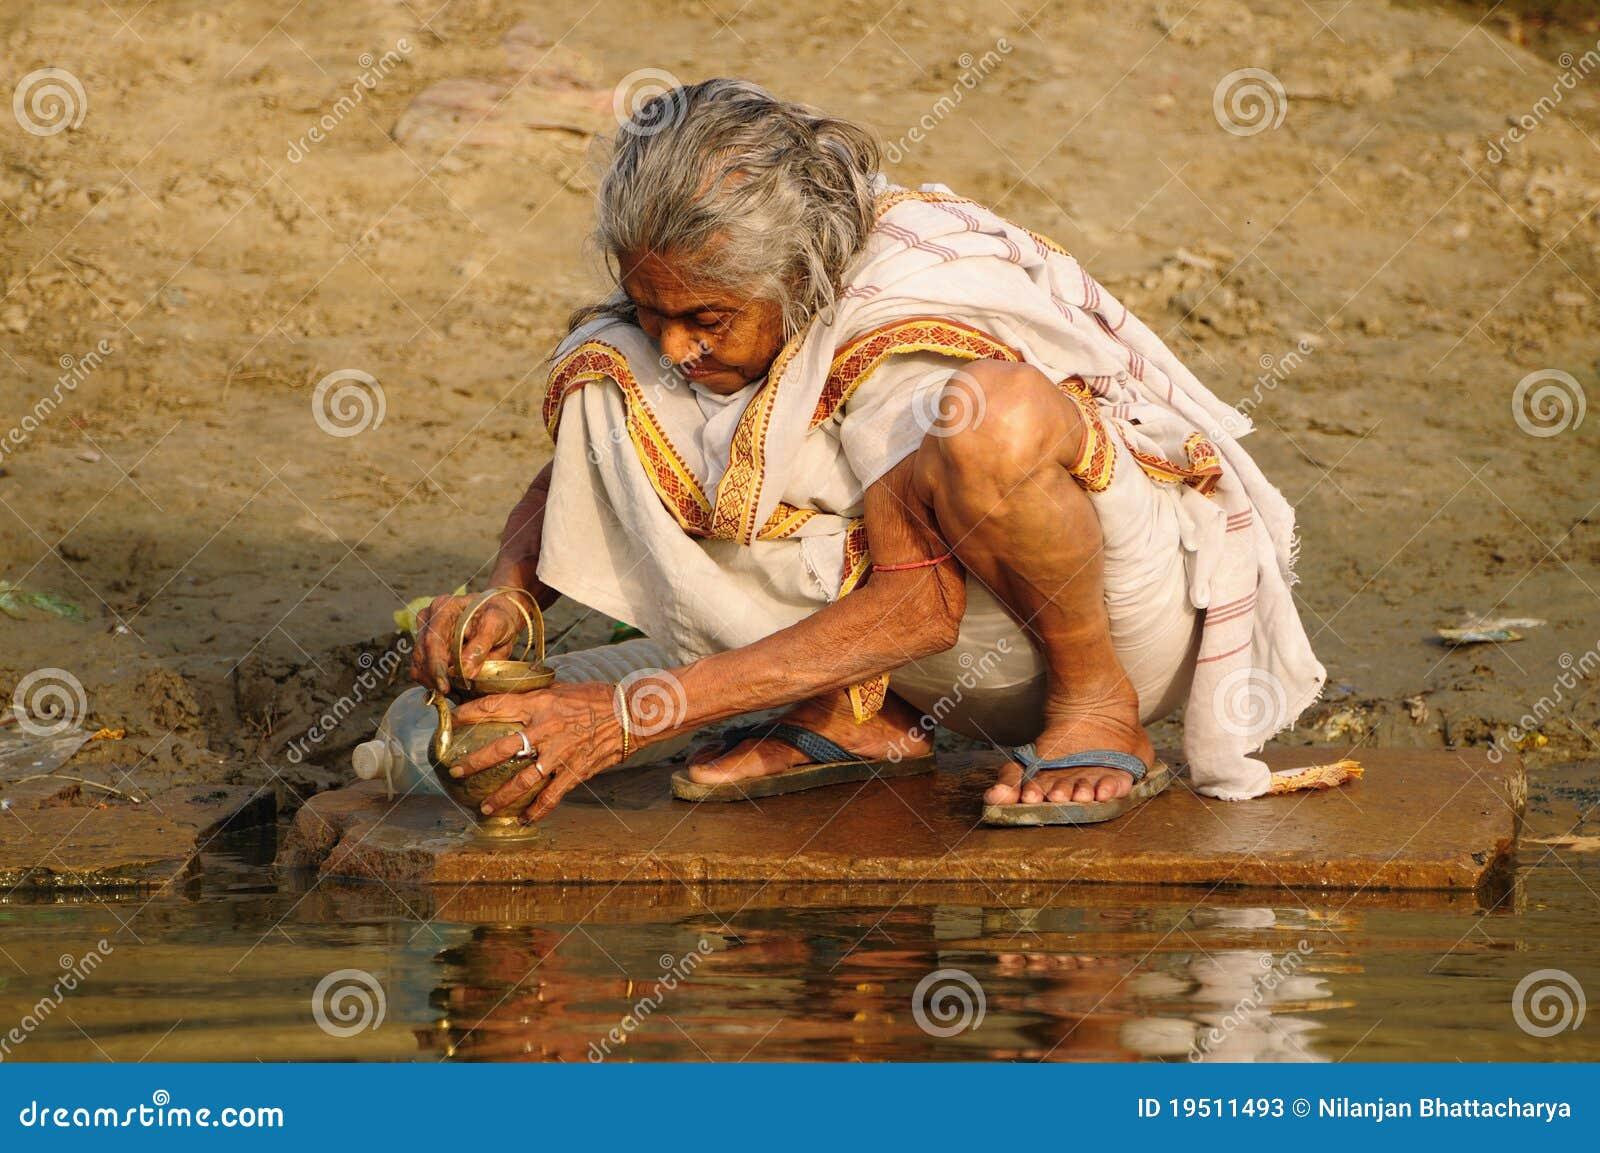 Hindu Pilgrim Cleaning Prayer Utensil Editorial Stock Photo - Image